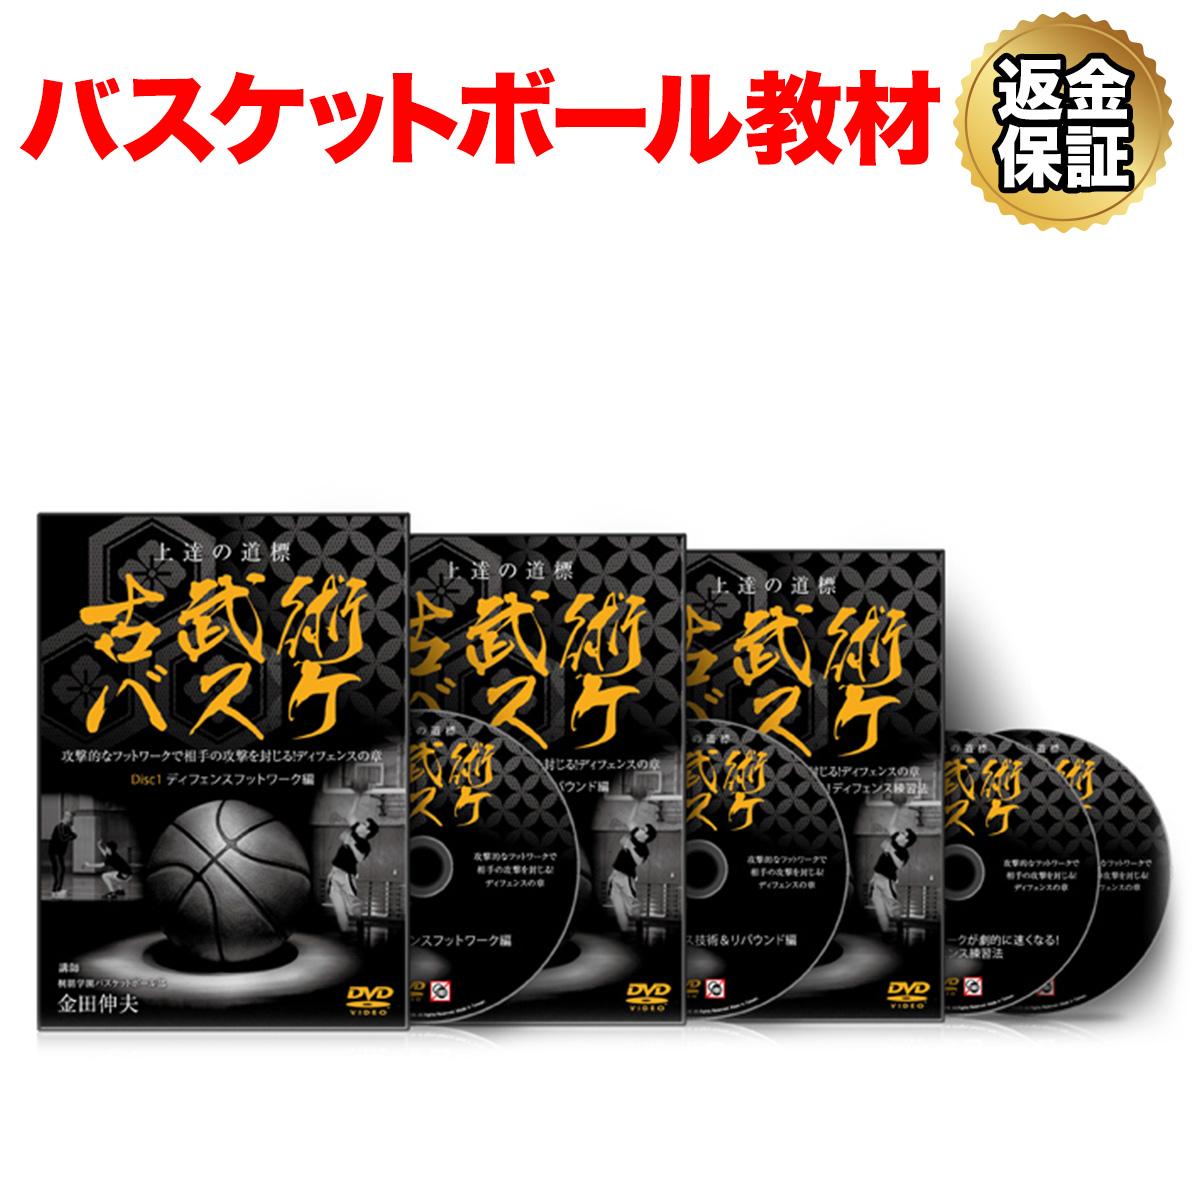 バスケットボール 教材 DVD 古武術バスケ ~攻撃的なフットワークで相手を封じる!ディフェンスの章~